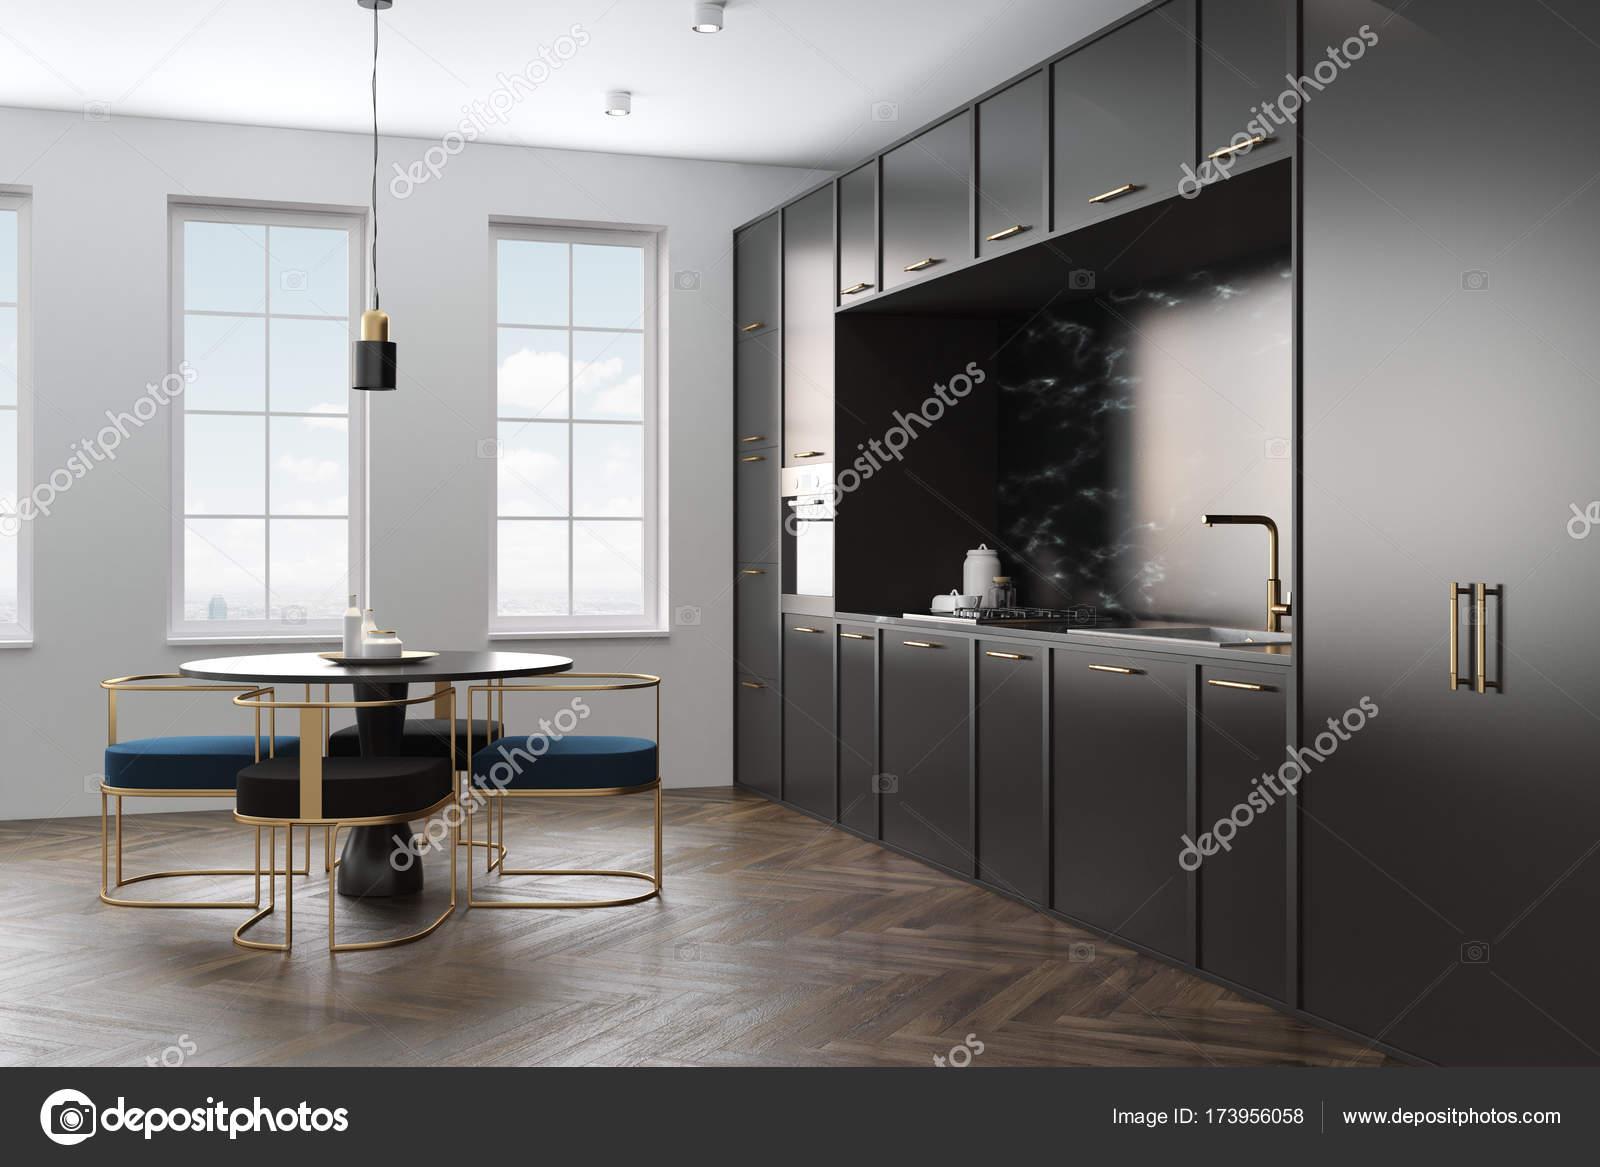 Cuisine en marbre noir, table ronde — Photographie denisismagilov ...